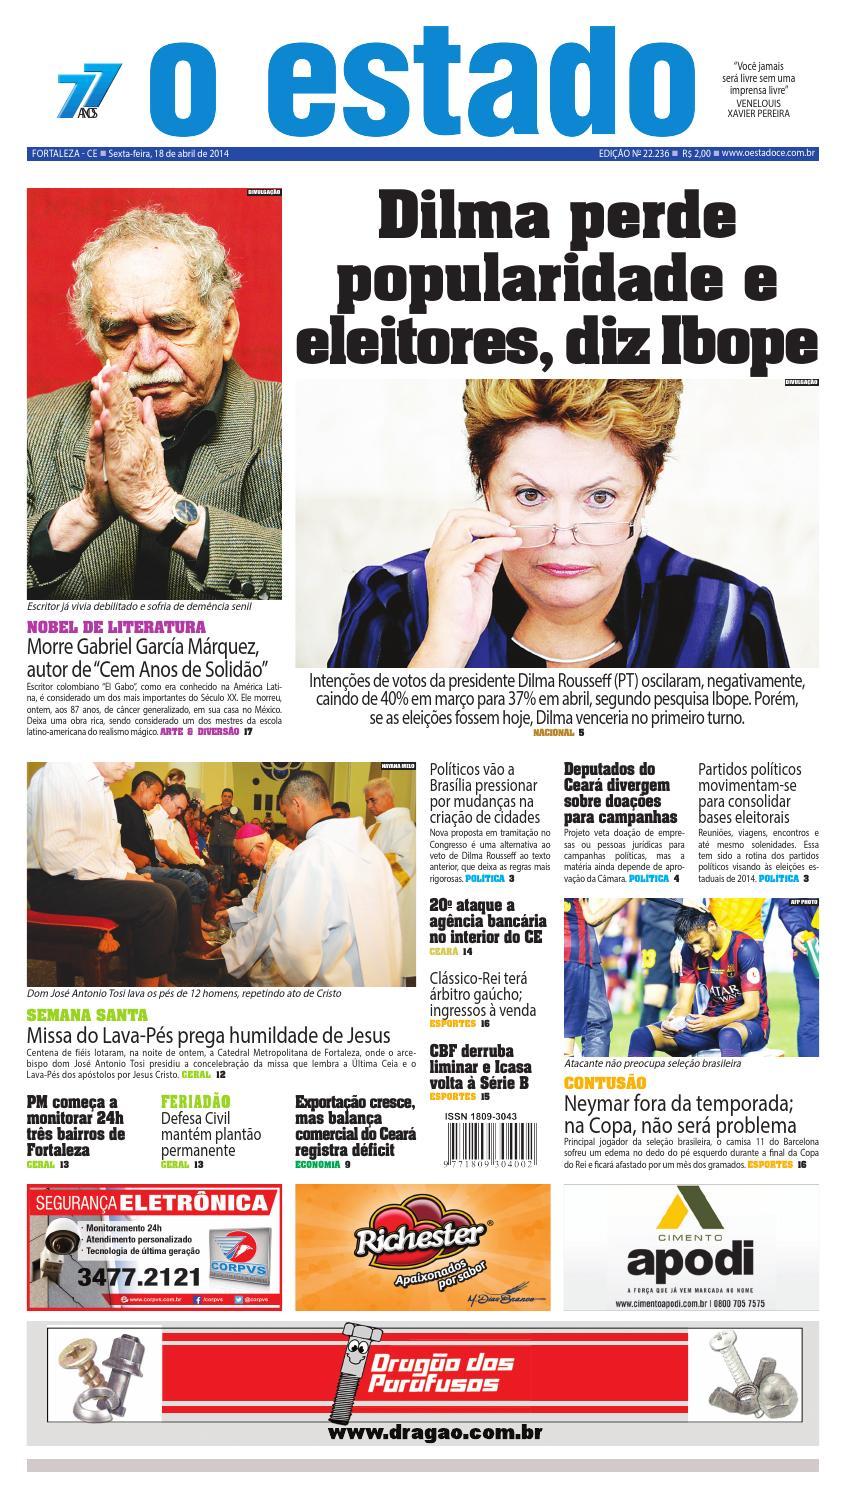 Edição 22236 -18 de abril de 2014 by Jornal O Estado (Ceará) - issuu 90a9ce62e63f5